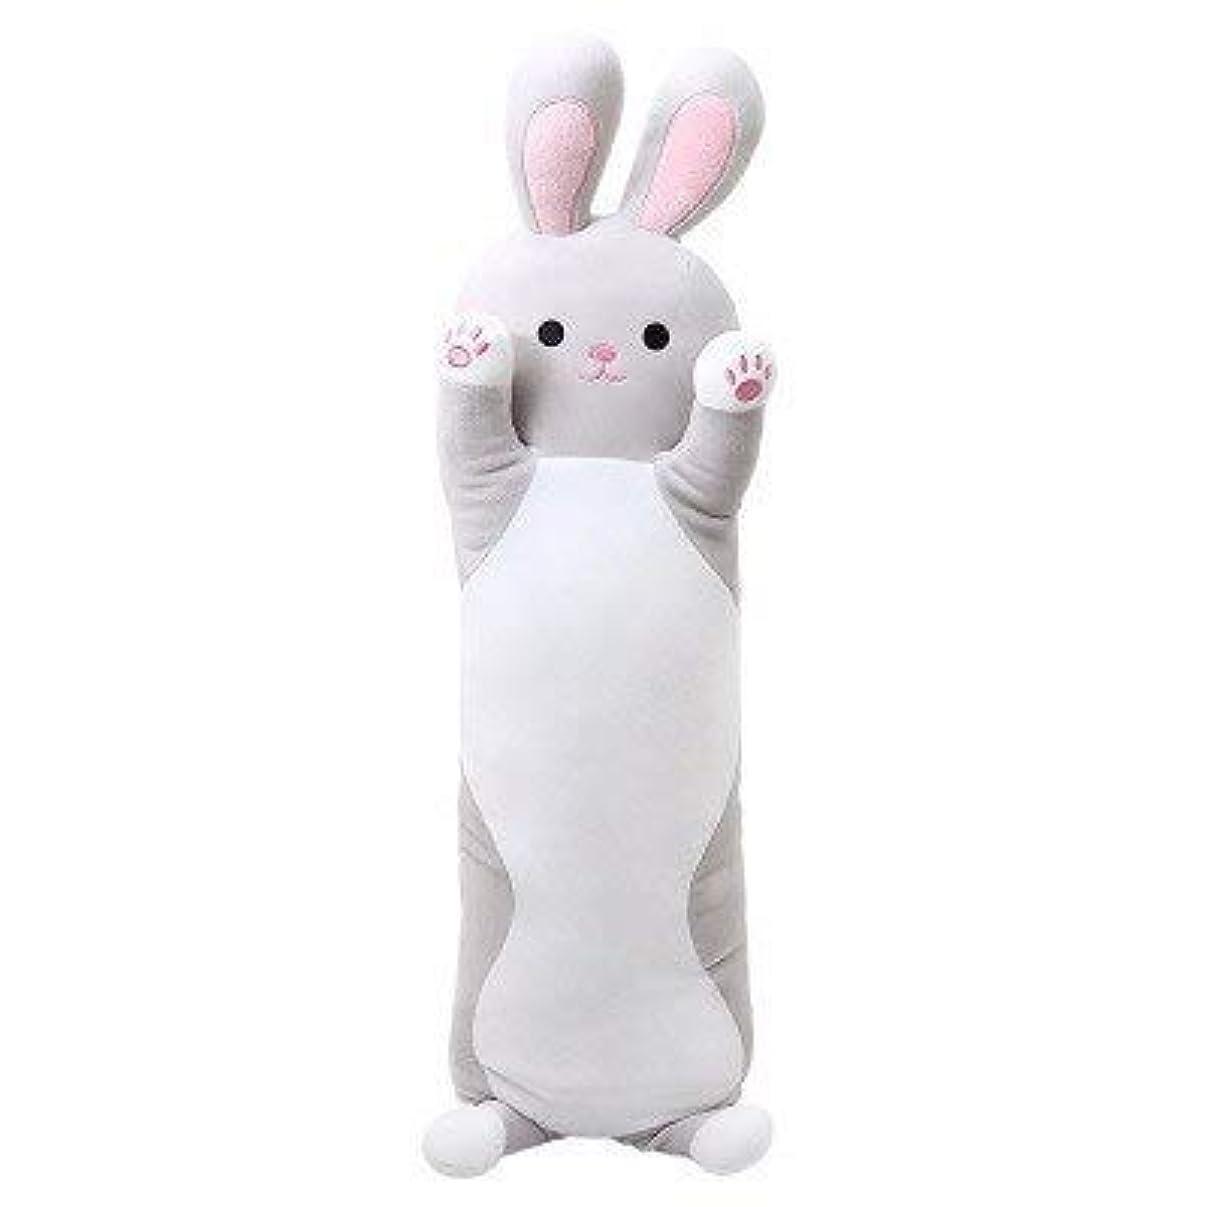 ナプキン抵当前文LIFE センチメートルウサギのぬいぐるみロング睡眠枕を送信するために女の子 Almofada クッション床 Coussin Cojines 装飾 Overwatch クッション 椅子